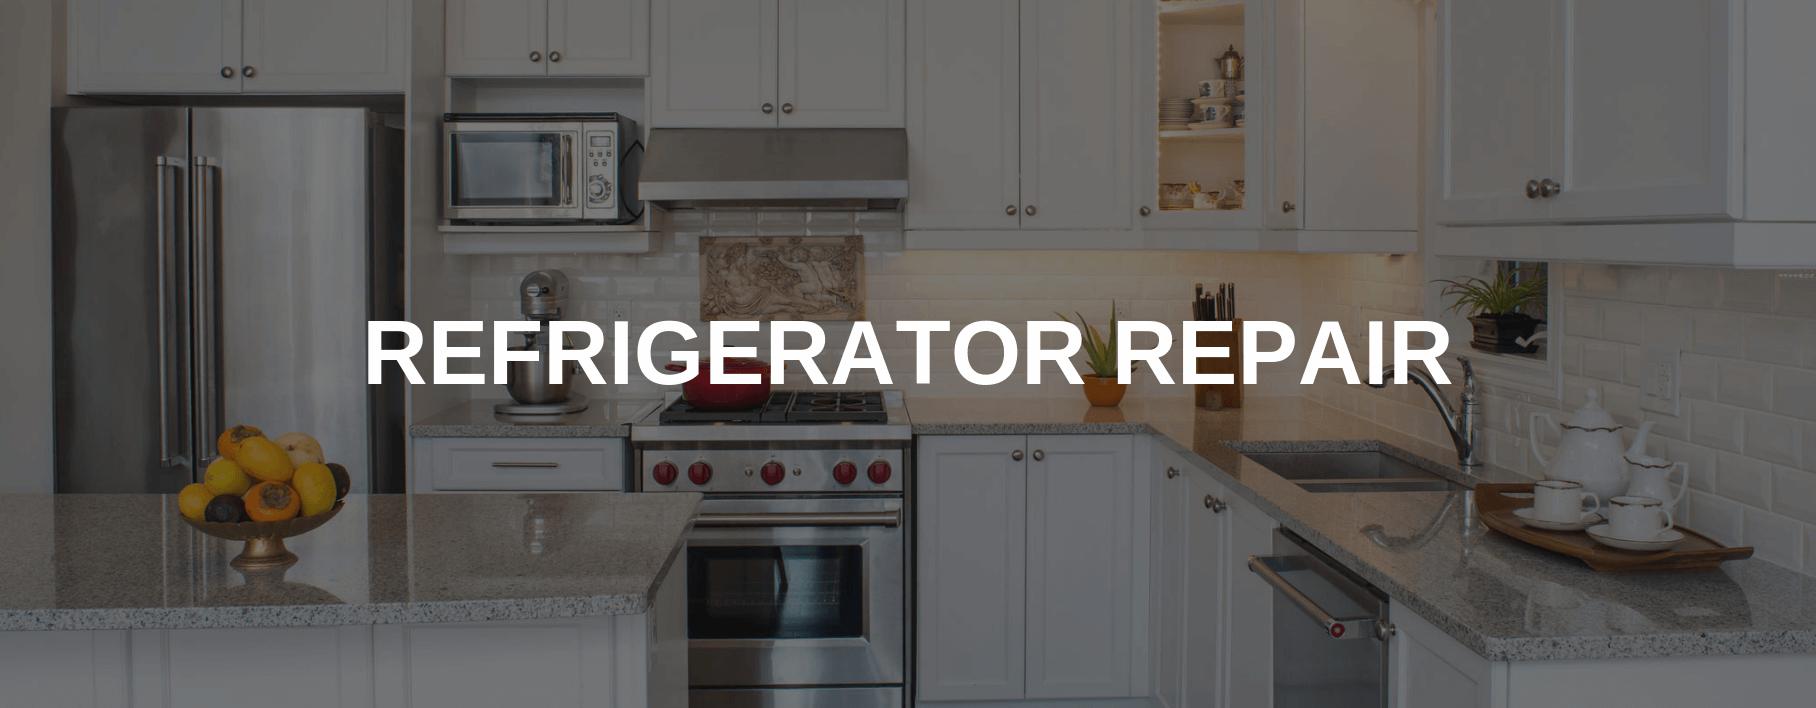 refrigerator repair annandale